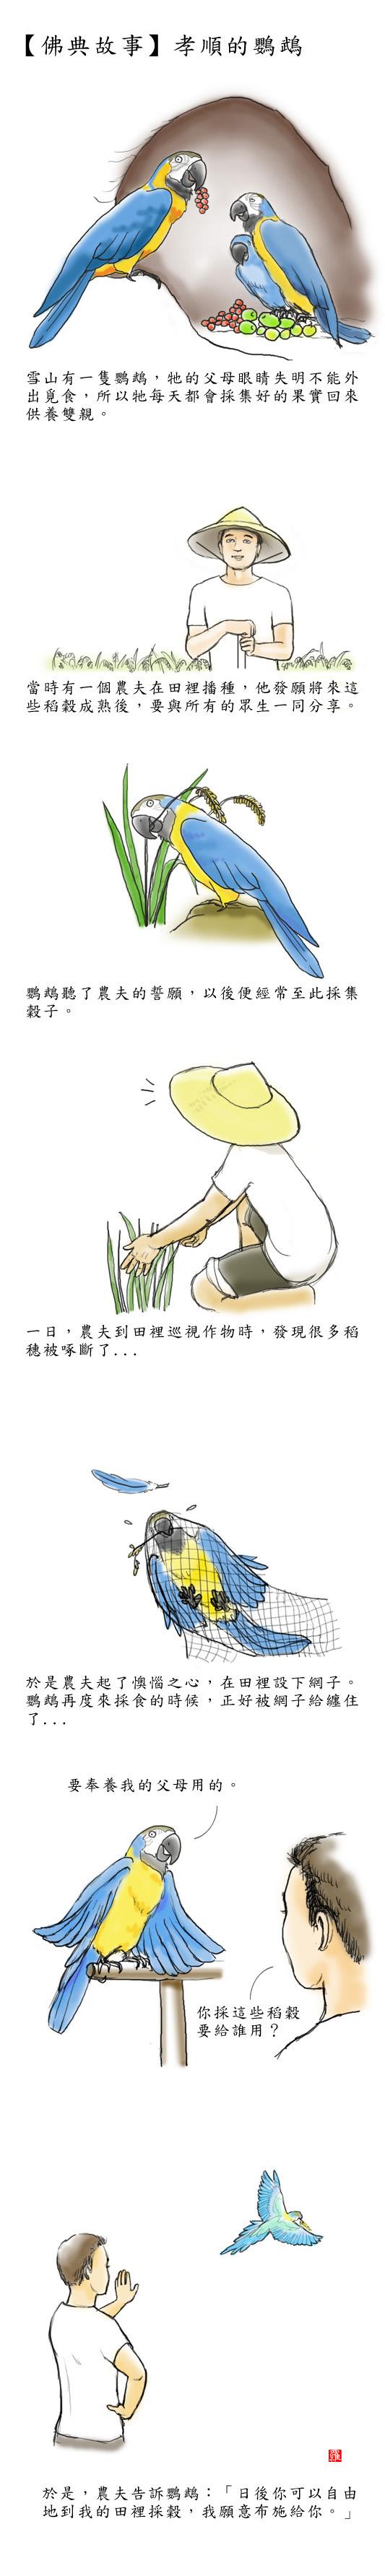 漫畫孝順的鸚鵡.jpg